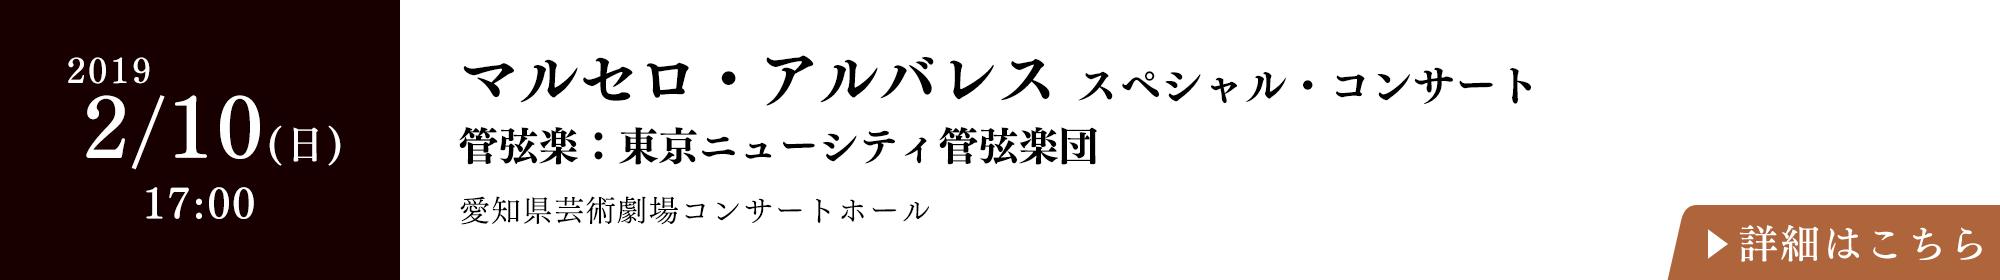 マルセロ・アルバレス スペシャル・コンサート 管弦楽:東京ニューシティ管弦楽団